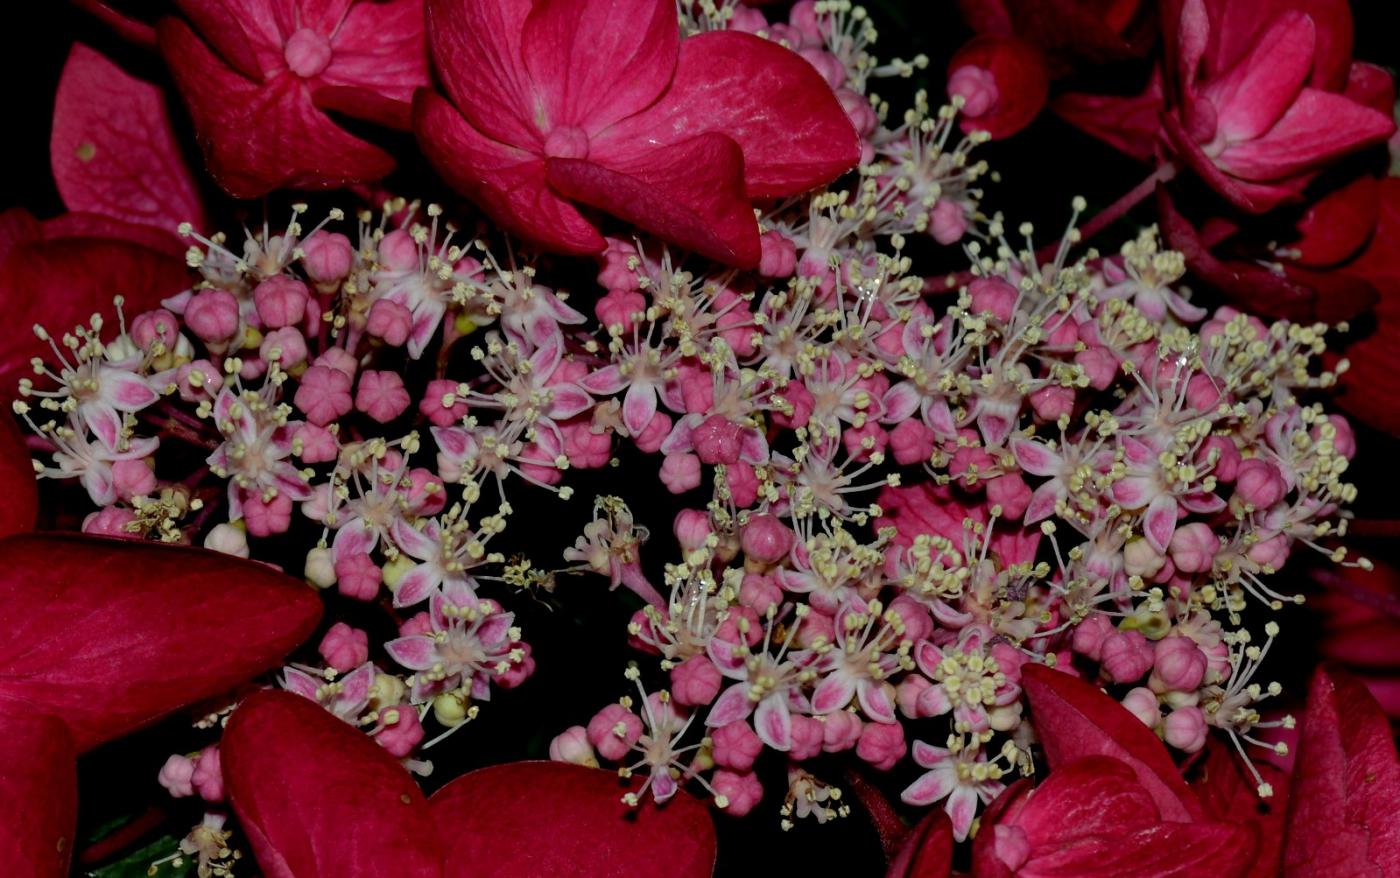 美丽的花蕊 (2)_图1-15